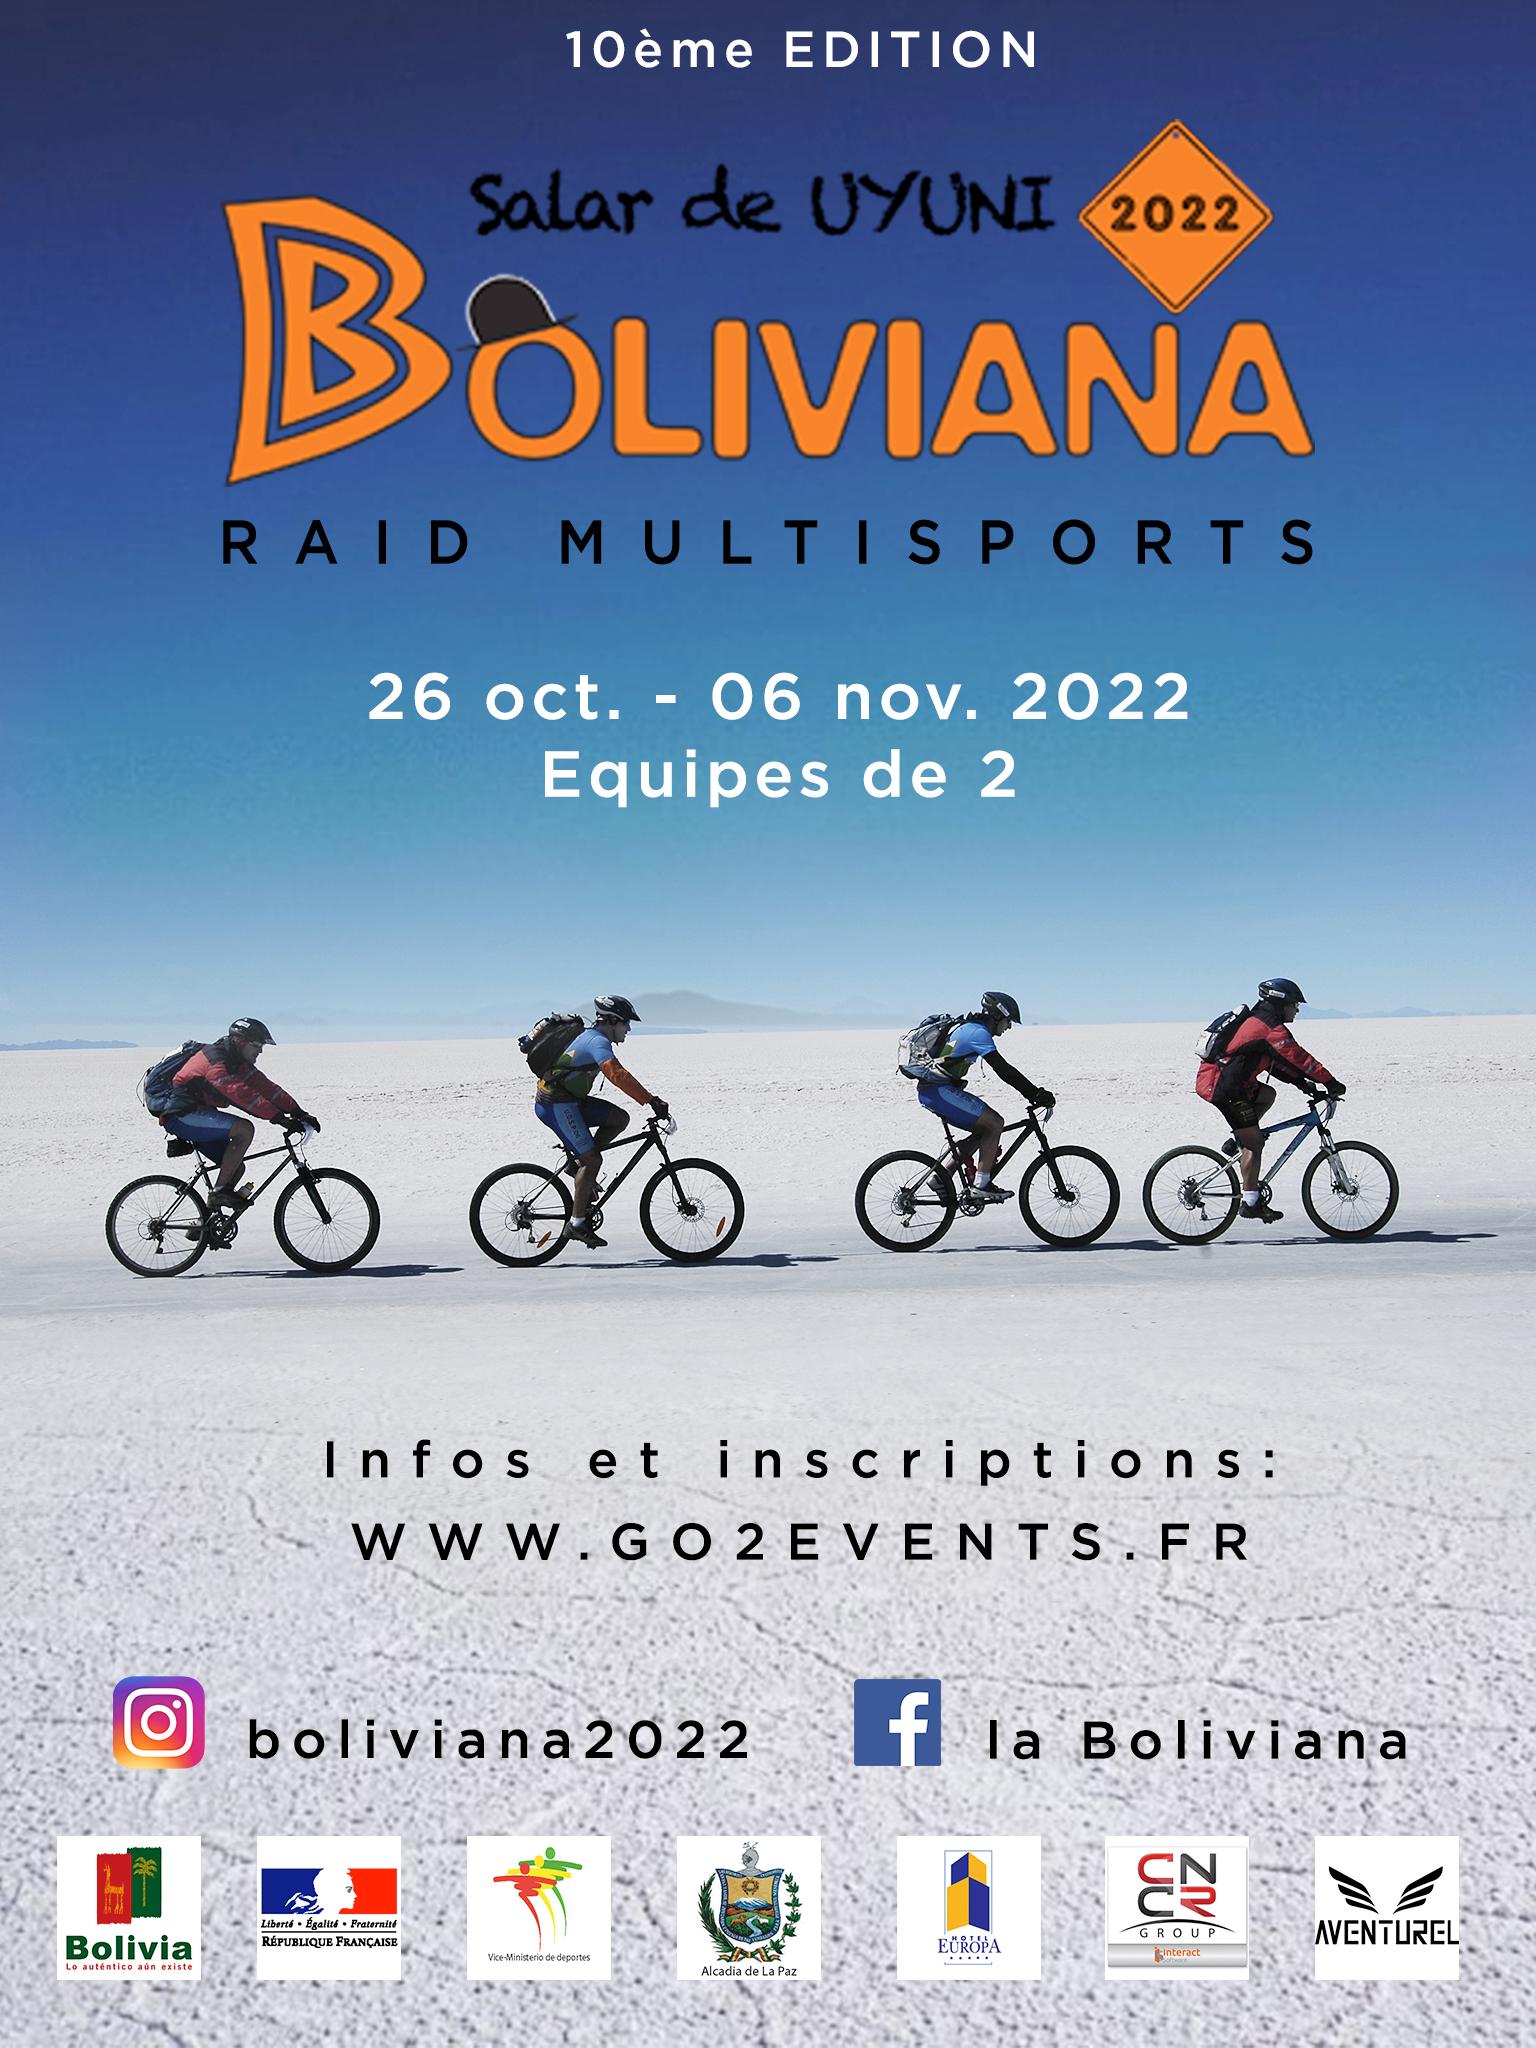 BOLIVIANA 2022